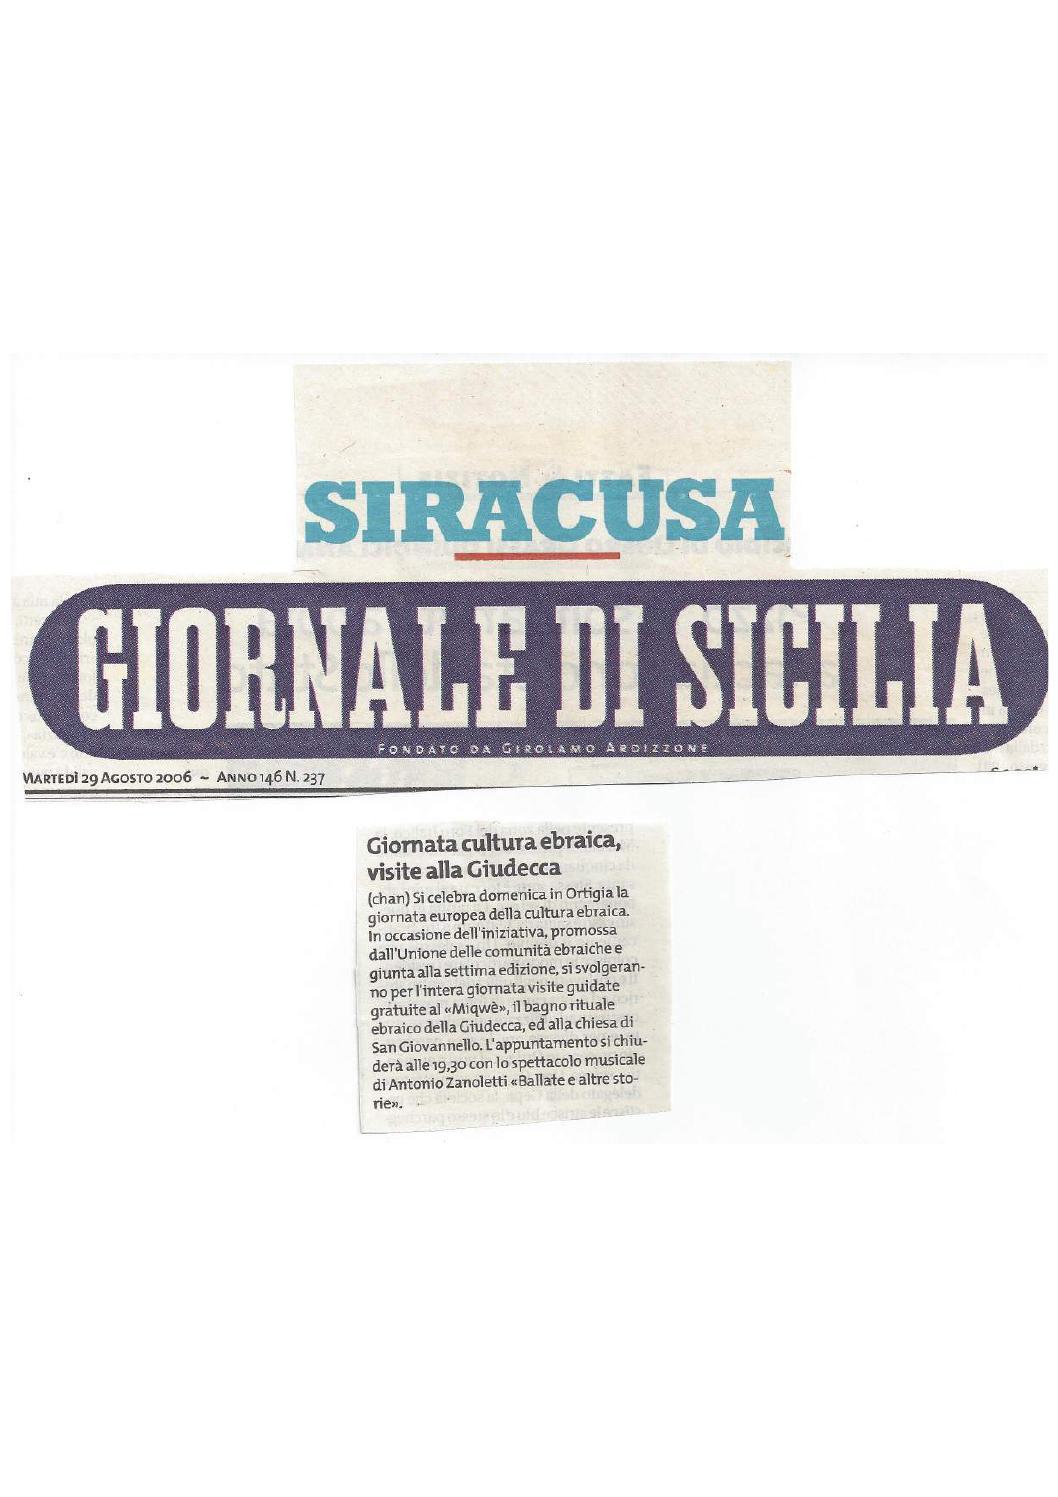 Giornaledisicilia 29 agos 2006 064 33da compressed by bagno ebraico siracusa issuu - Bagno ebraico siracusa ...